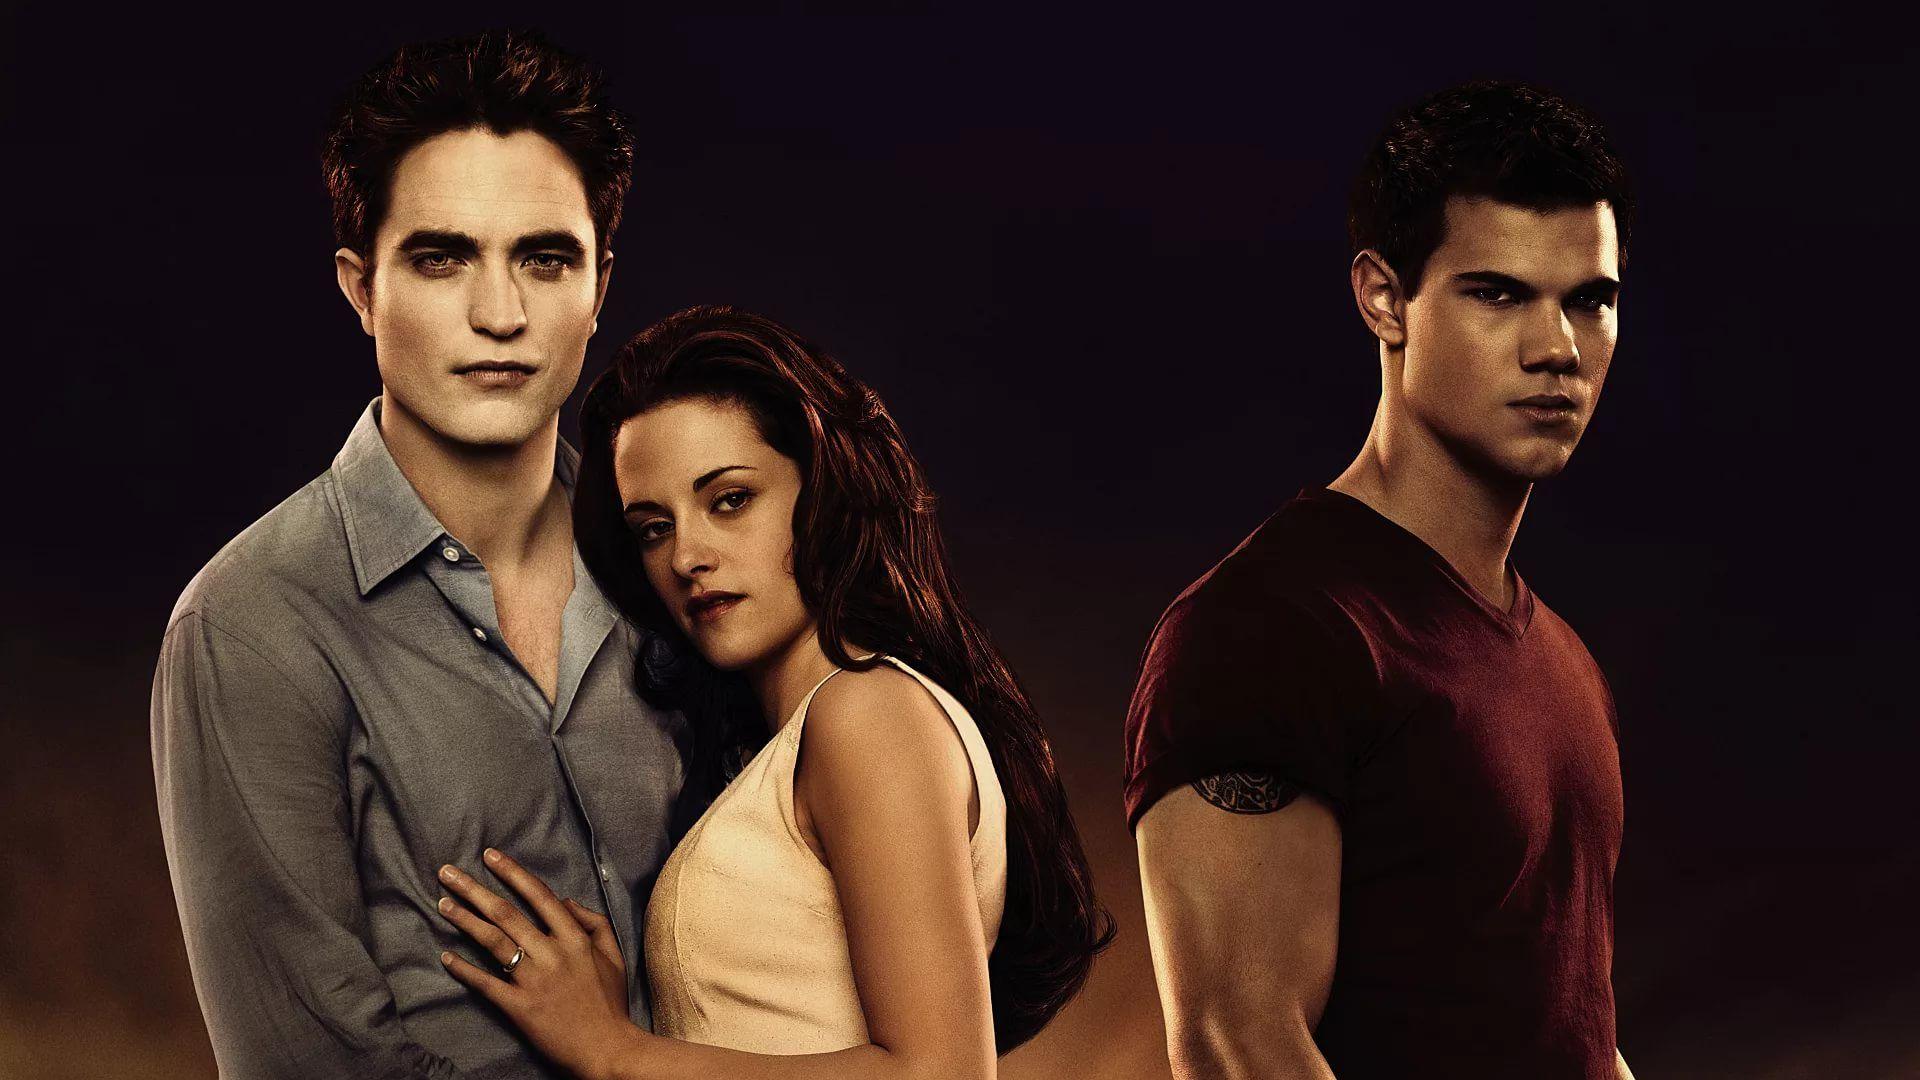 Twilight Saga Free Download Wallpaper